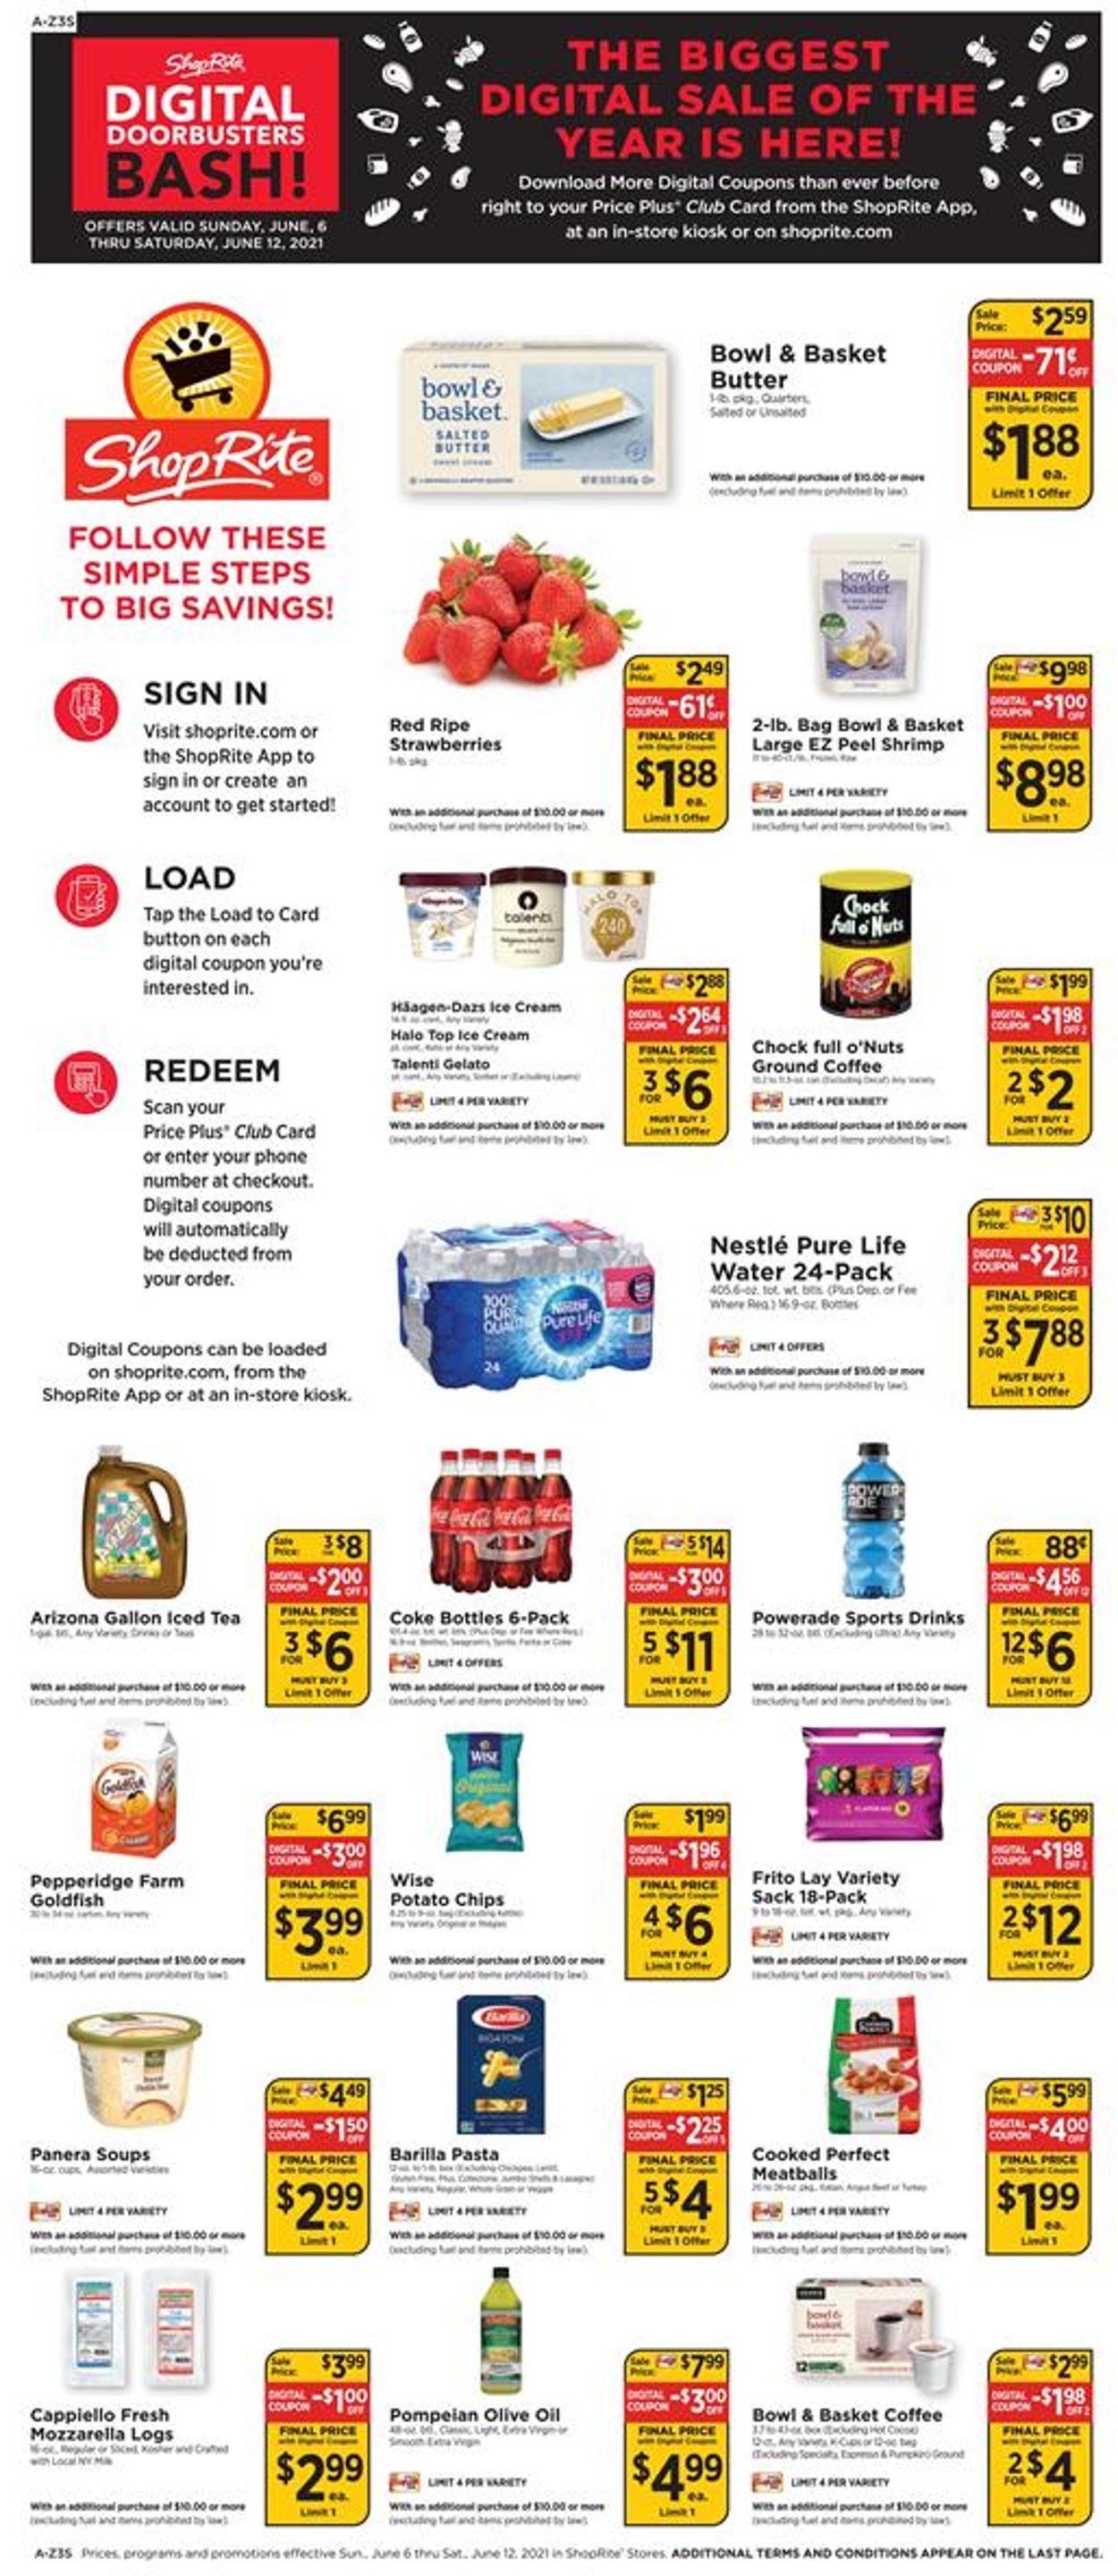 ShopRite Weekly Ad Circular - valid 06/06-06/12/2021